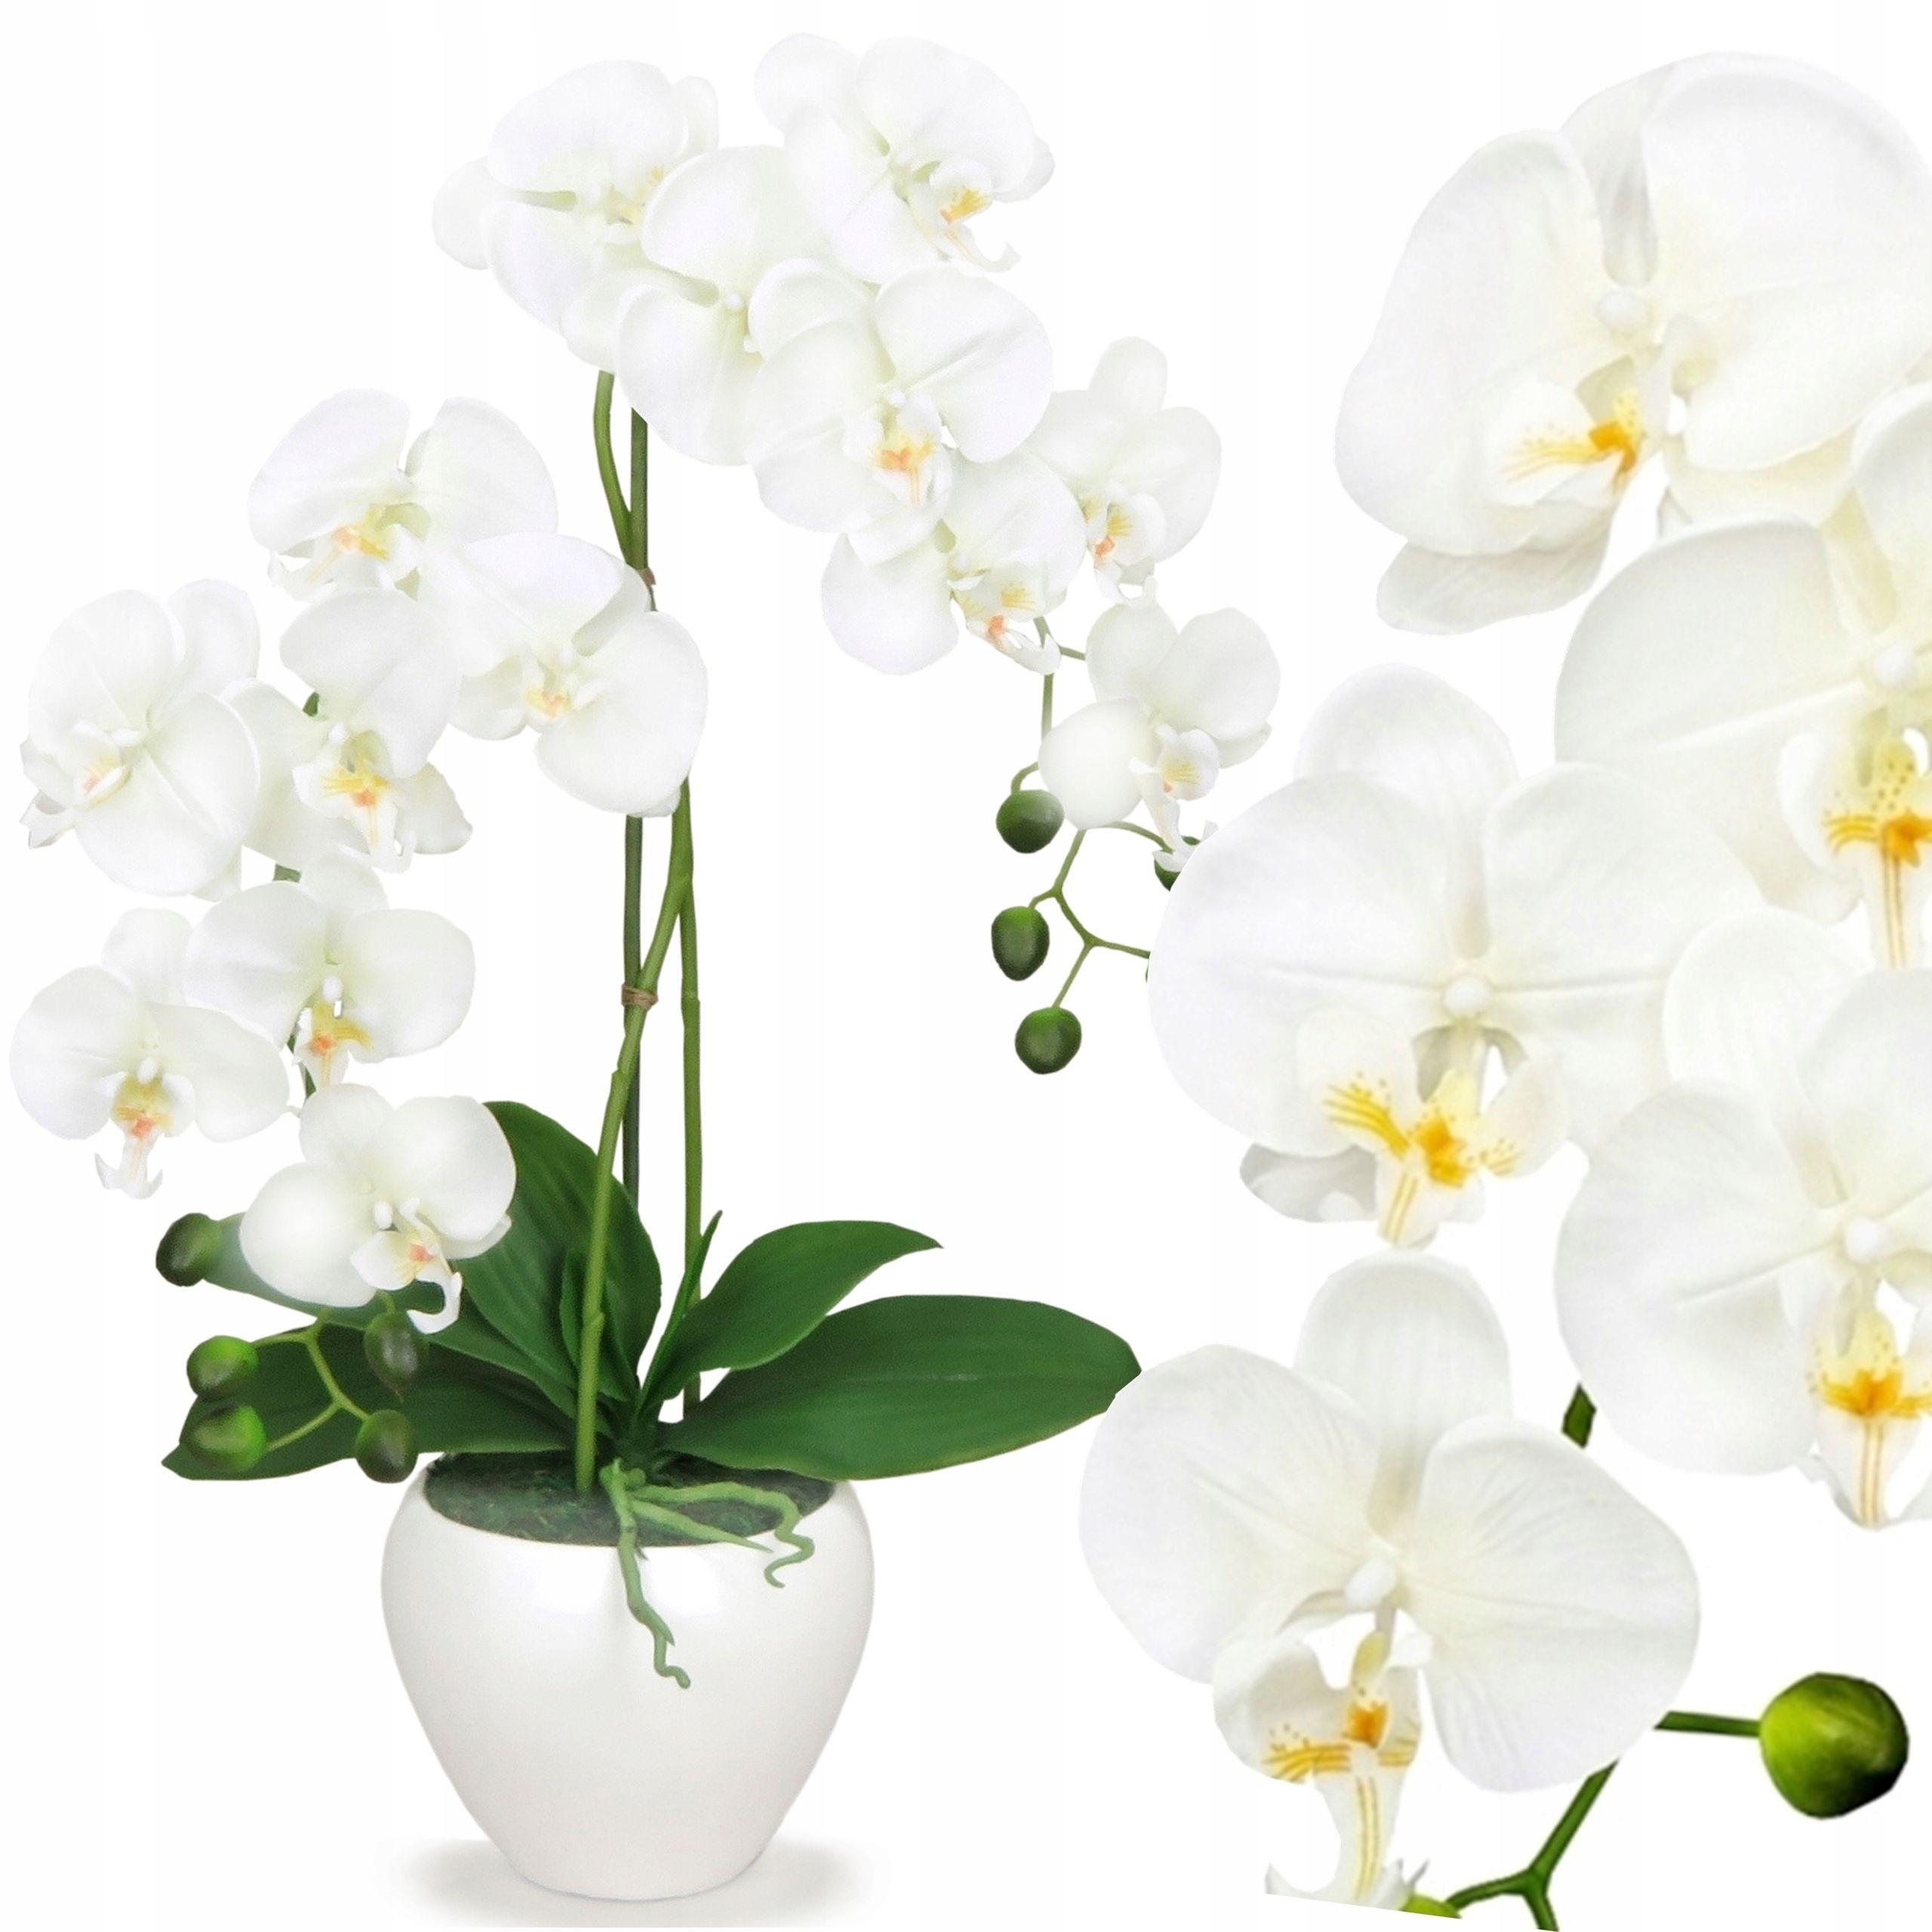 Storczyk Sztuczny Kwiaty Sztuczne Storczyki K 192 Plants Art